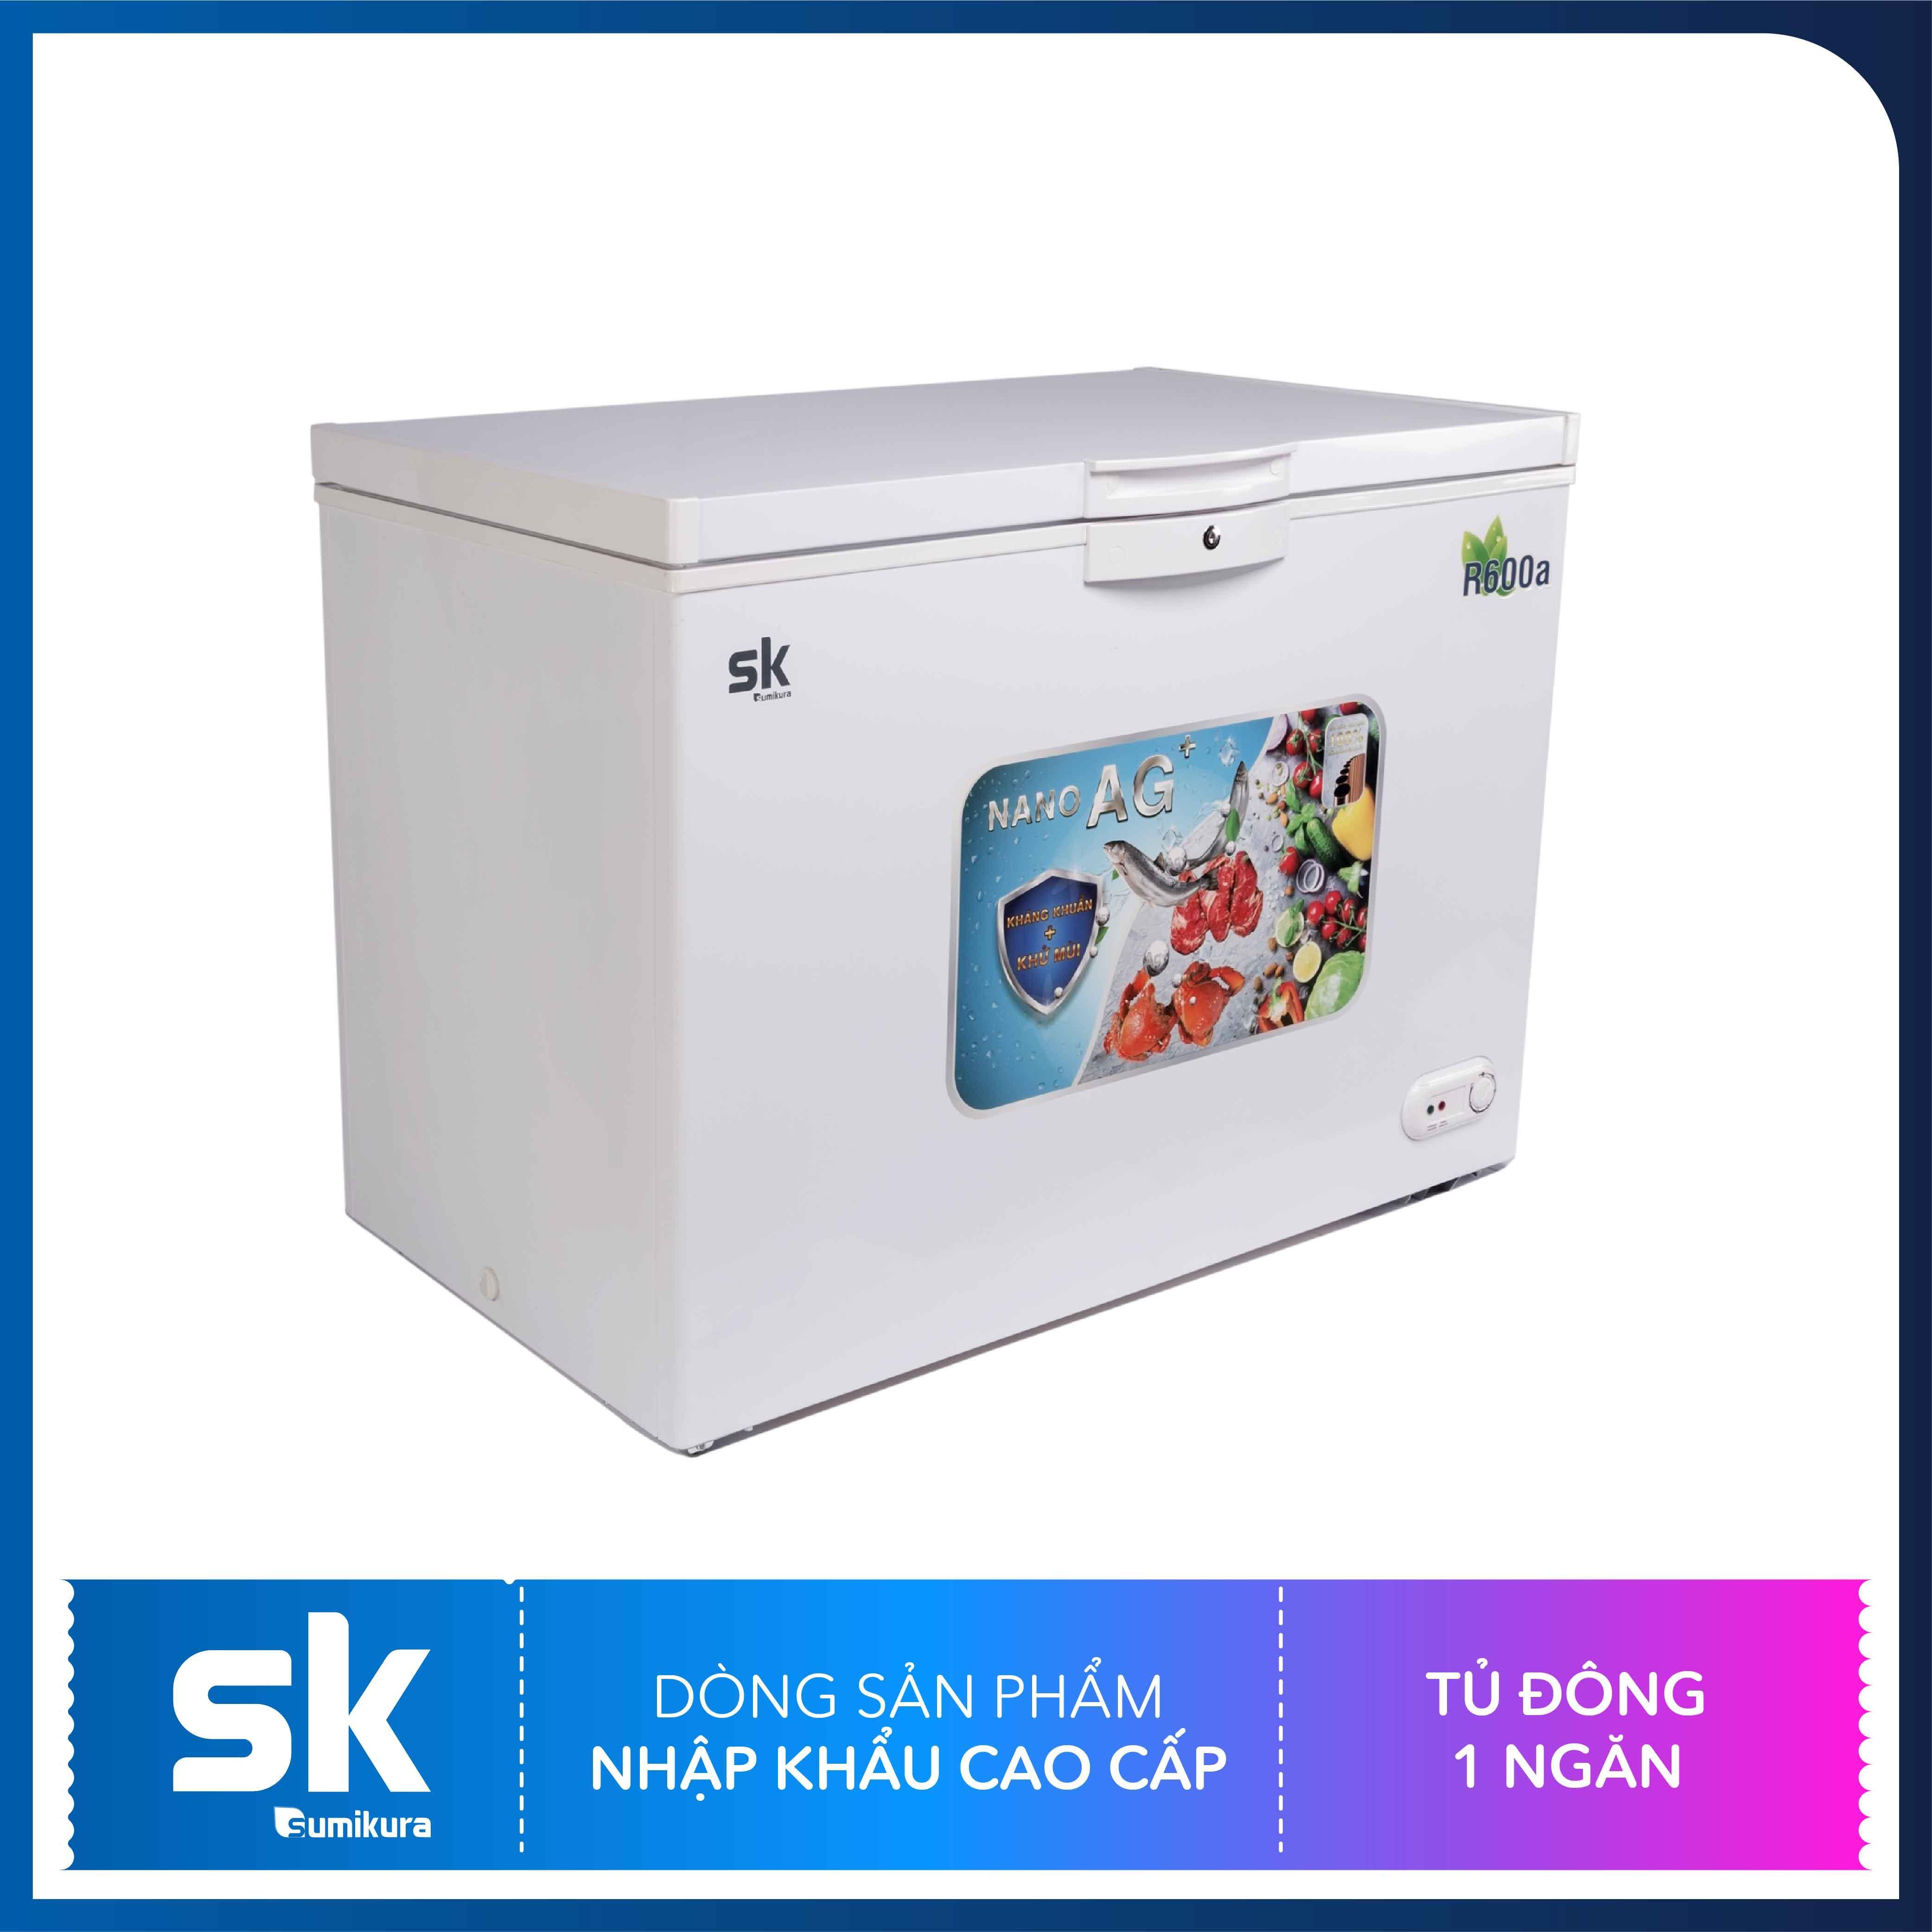 Tủ đông 1 ngăn 116 Lít Sumikura SKFCS-116